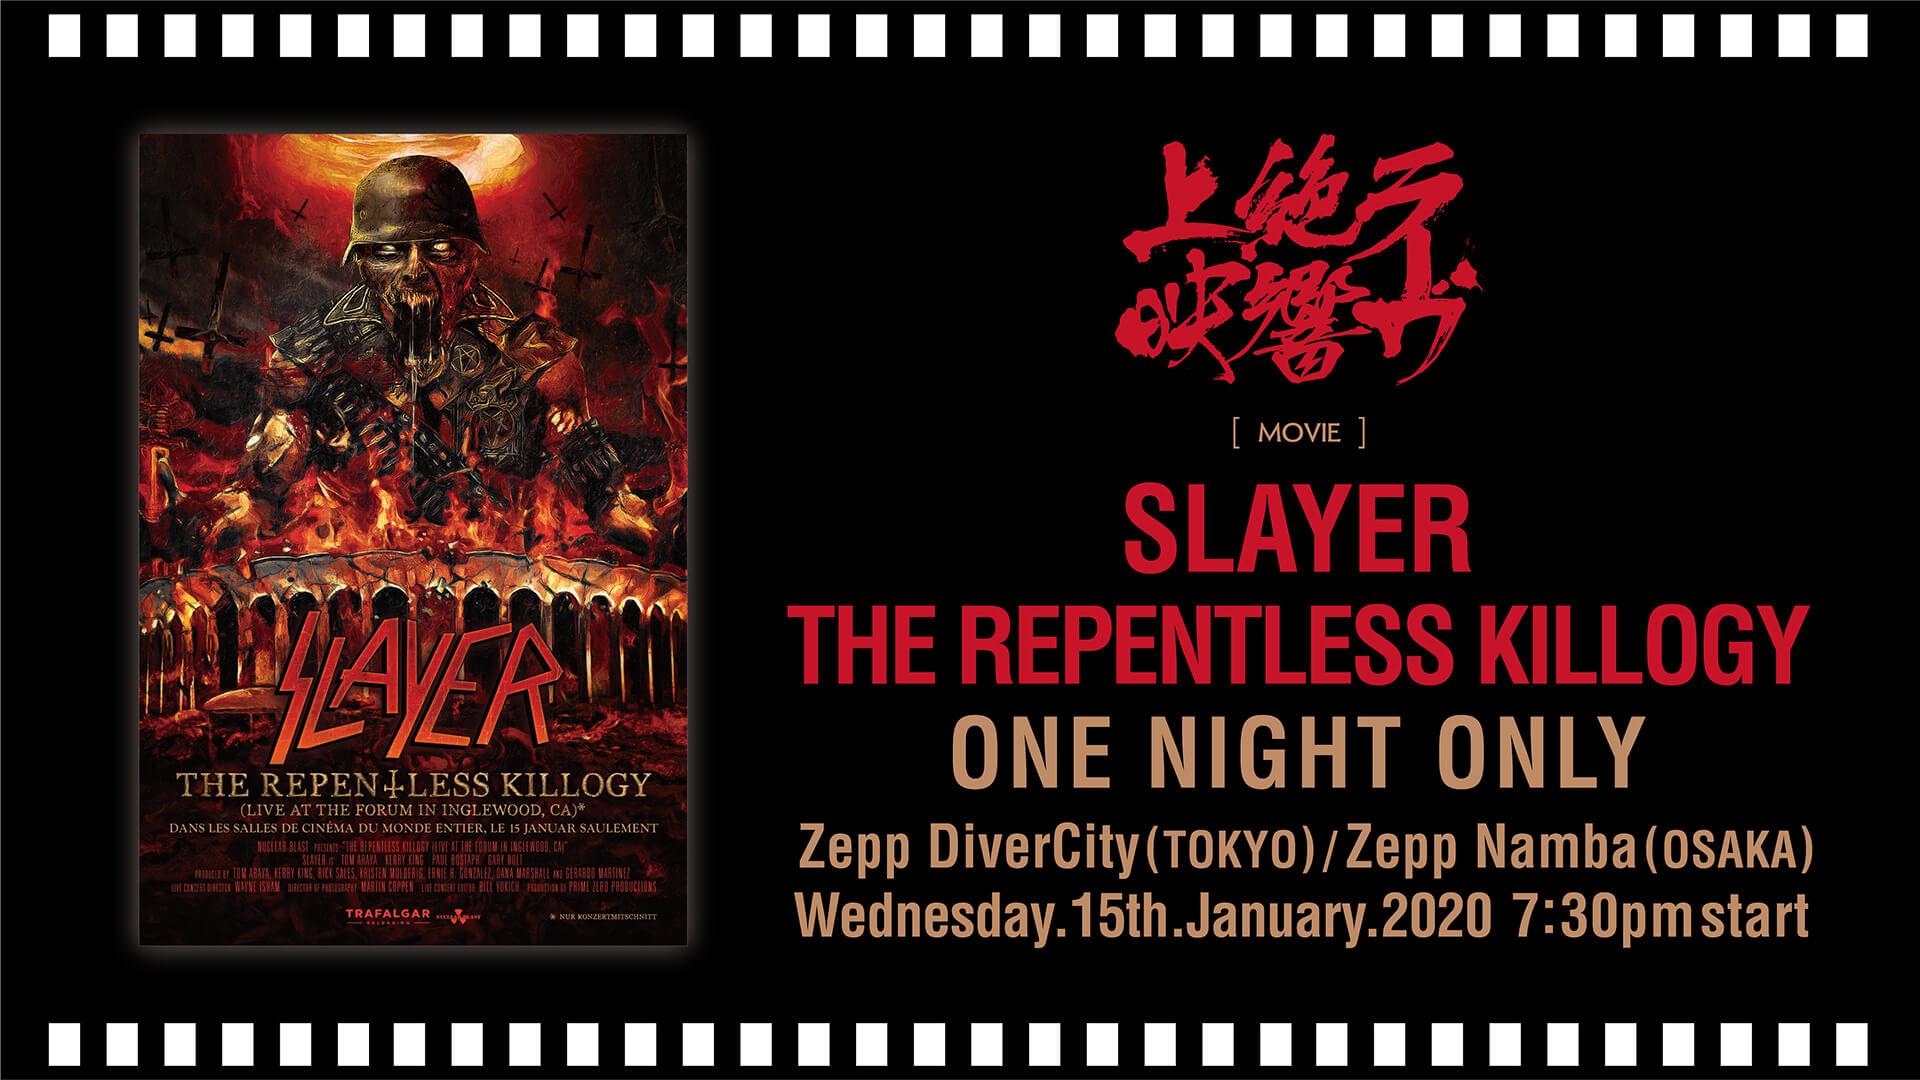 【チケプレ!】スレイヤーの轟音上映会でヘッドバンギング!ライブ・フィルム『SLAYER:THE REPENTLESS KILLOGY』のZepp上映会に計10組20名様をご招待! film191225_slayer_film_15